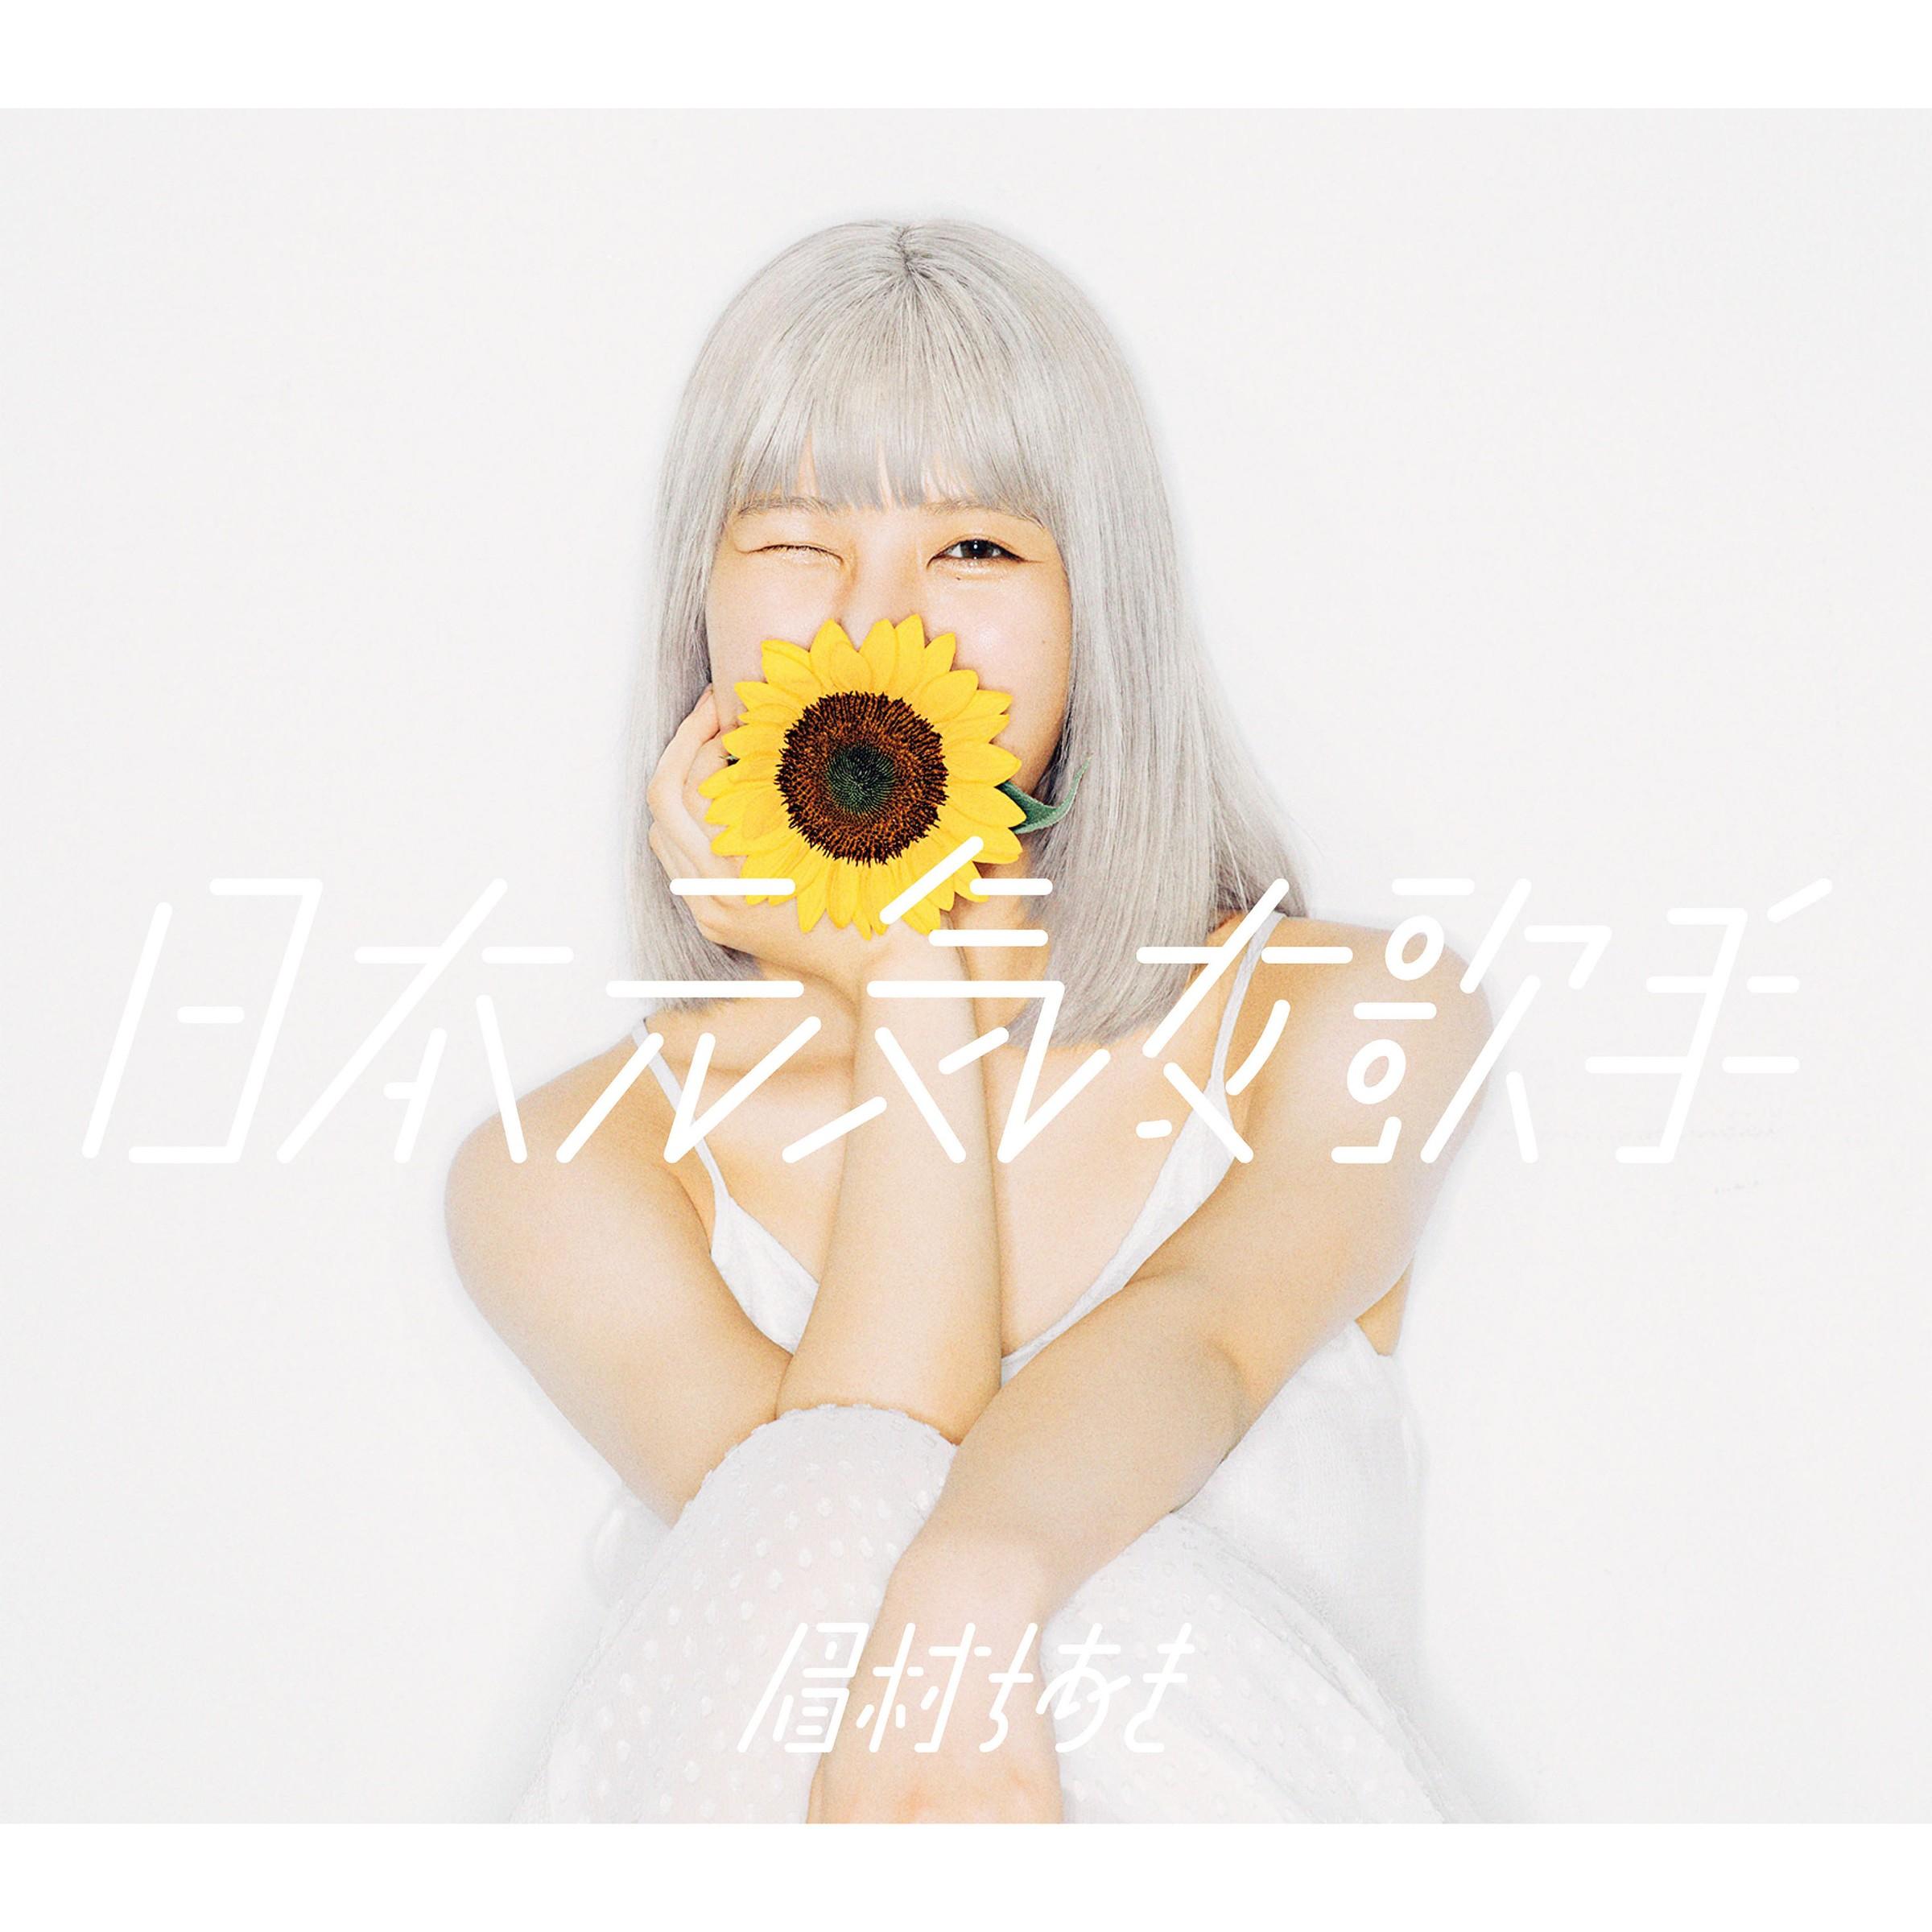 眉村ちあき (Chiaki Mayumura) – 日本元気女歌手 [FLAC / WEB] [2020.12.09]